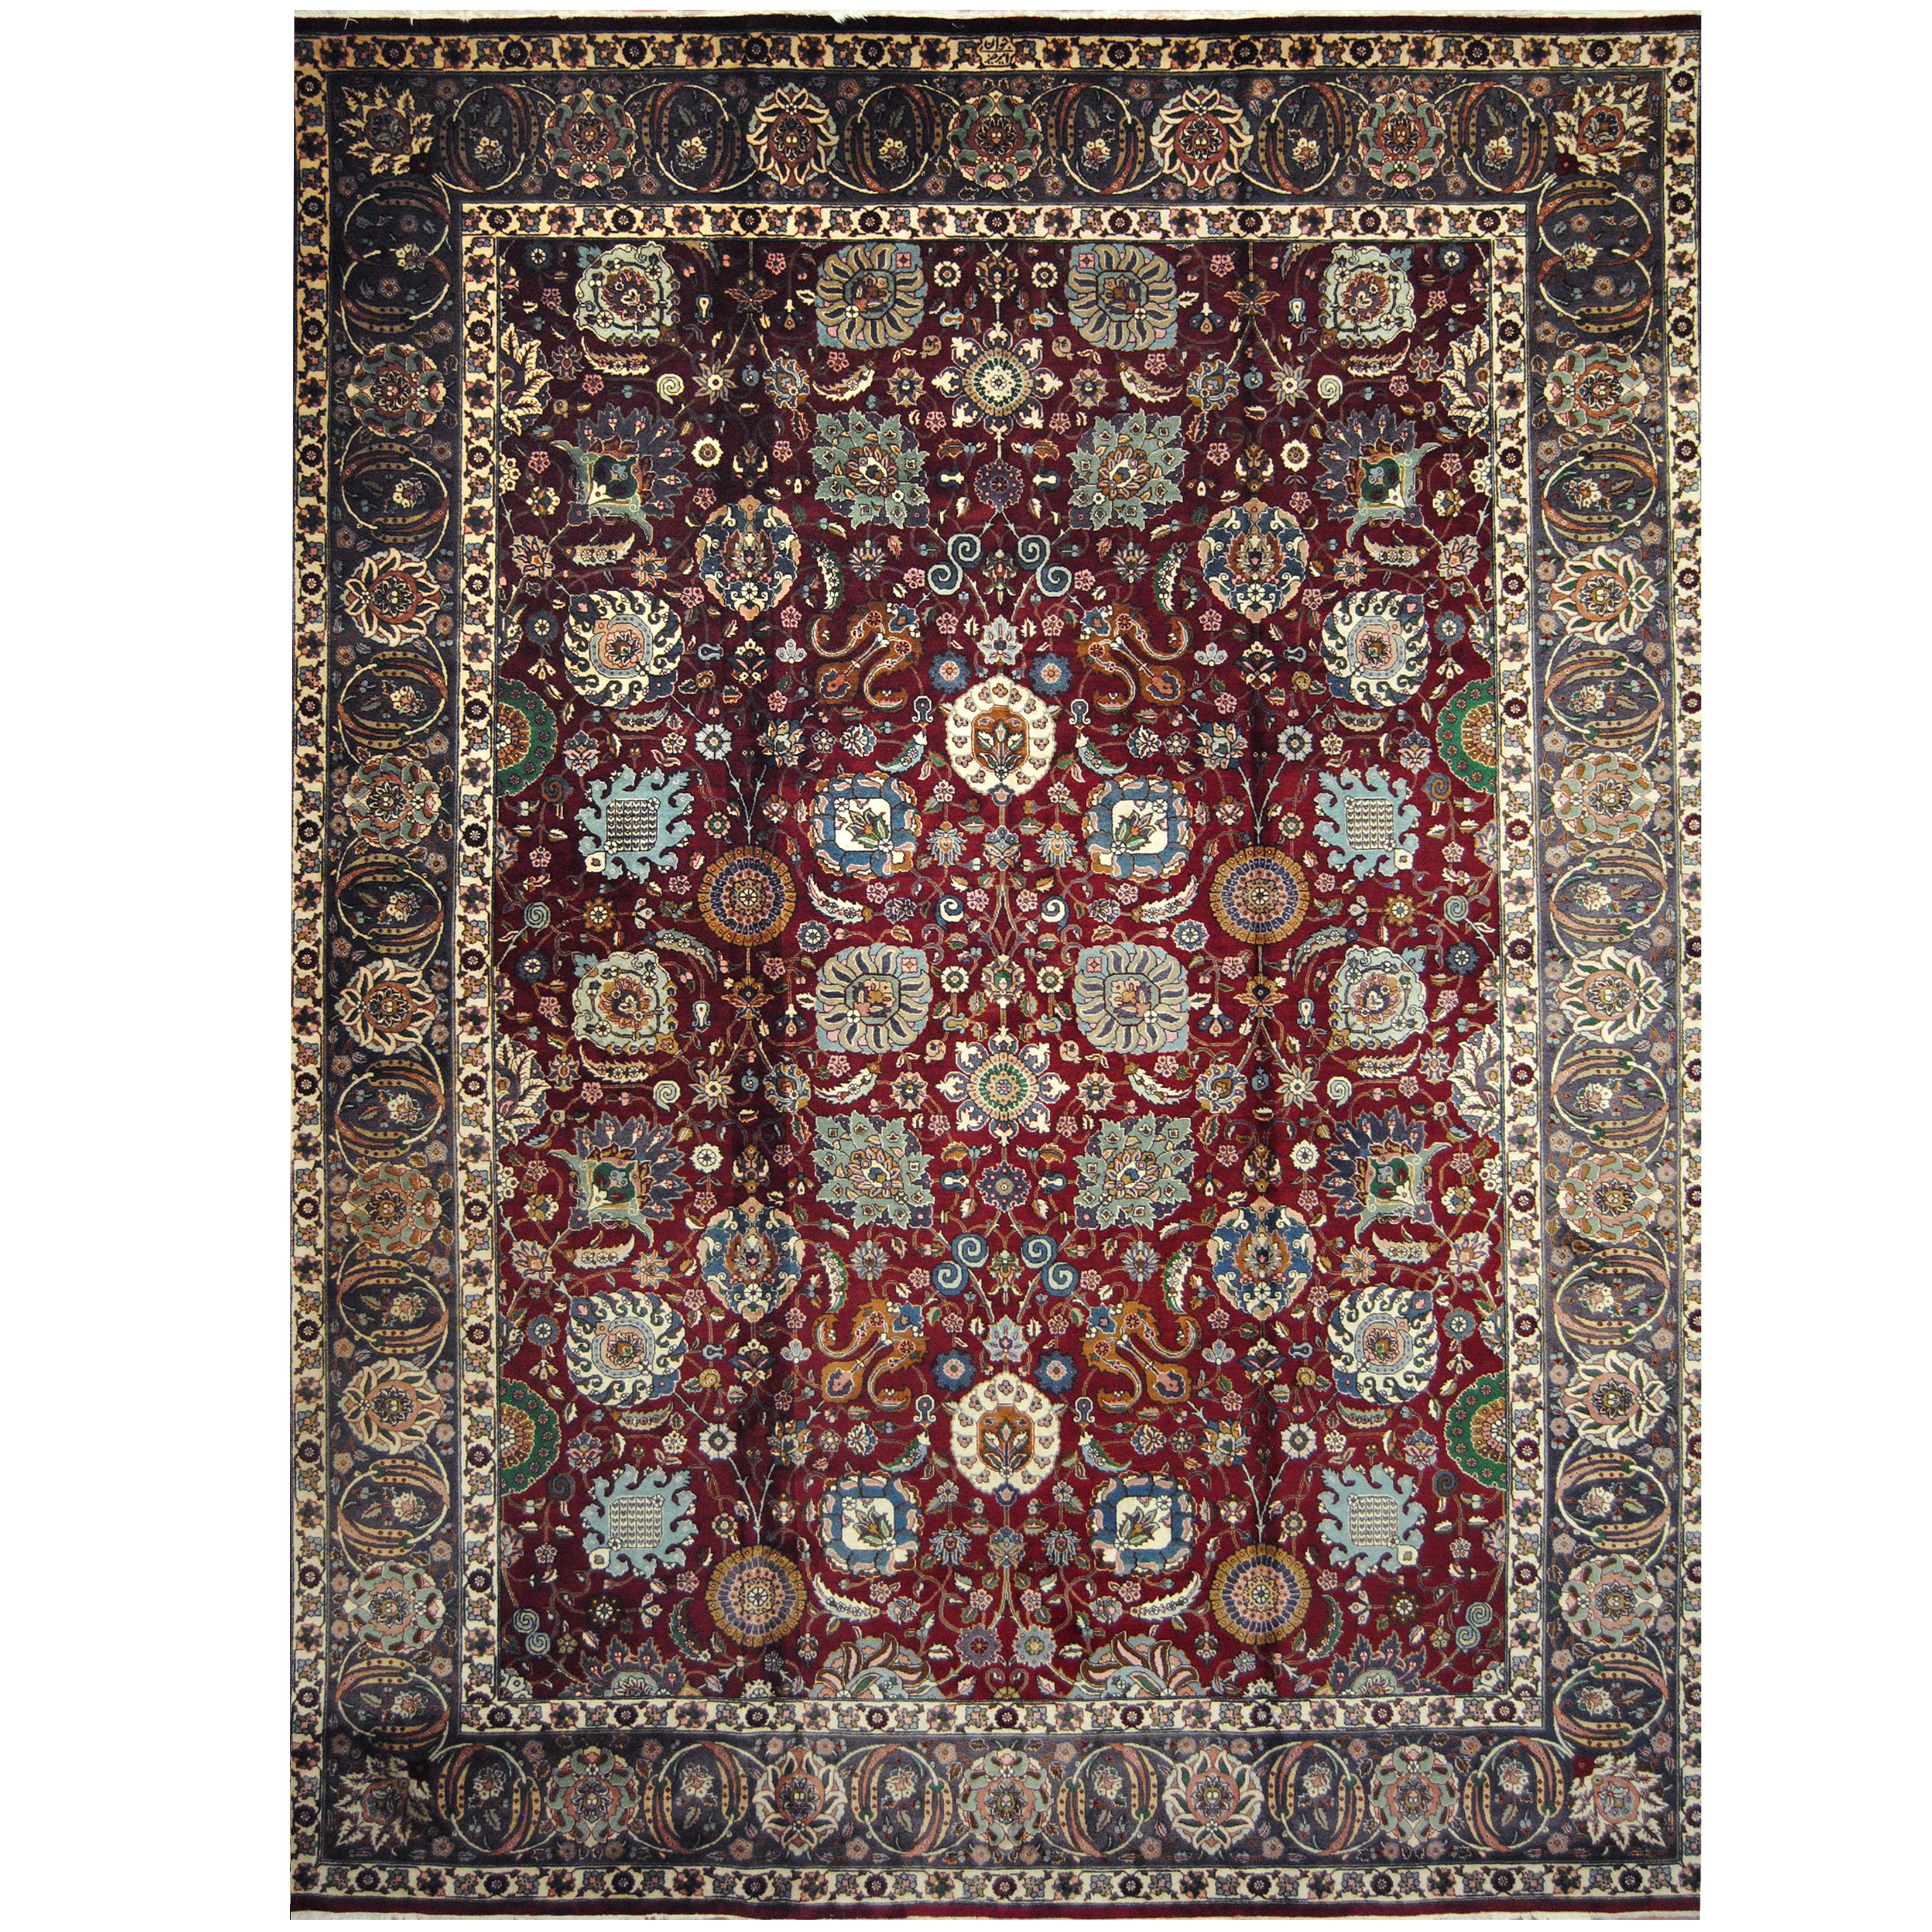 Antique Tabriz Wool Rug